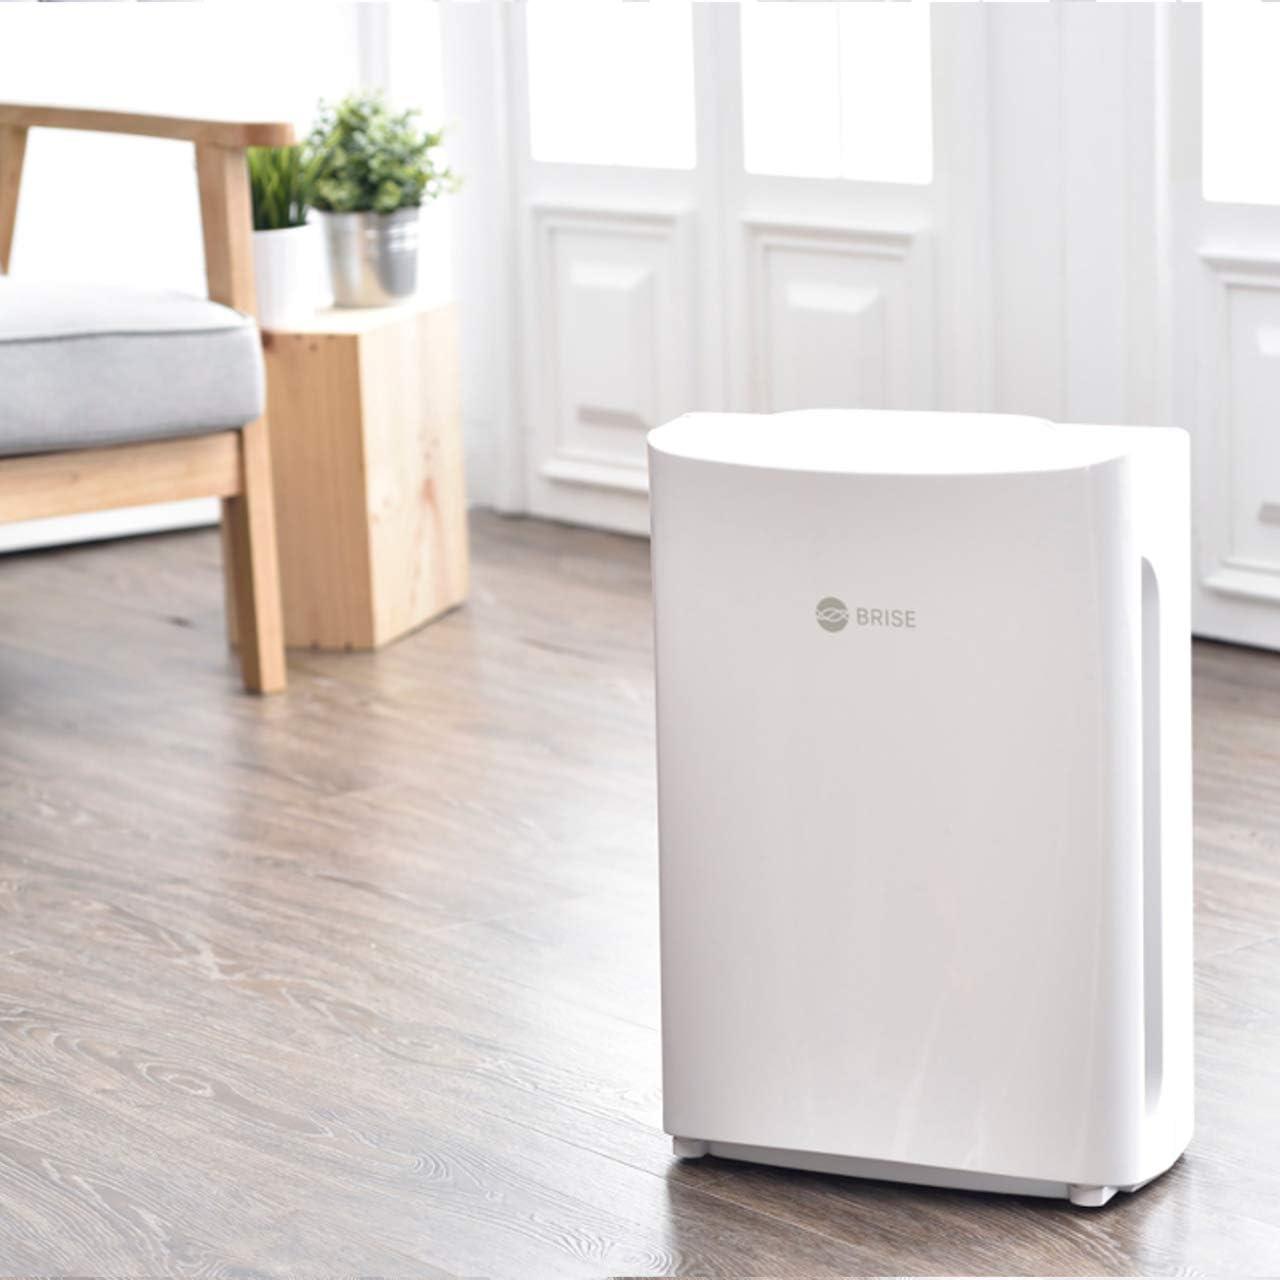 Purificador de aire Brise es un compacto Natural purificador de ...